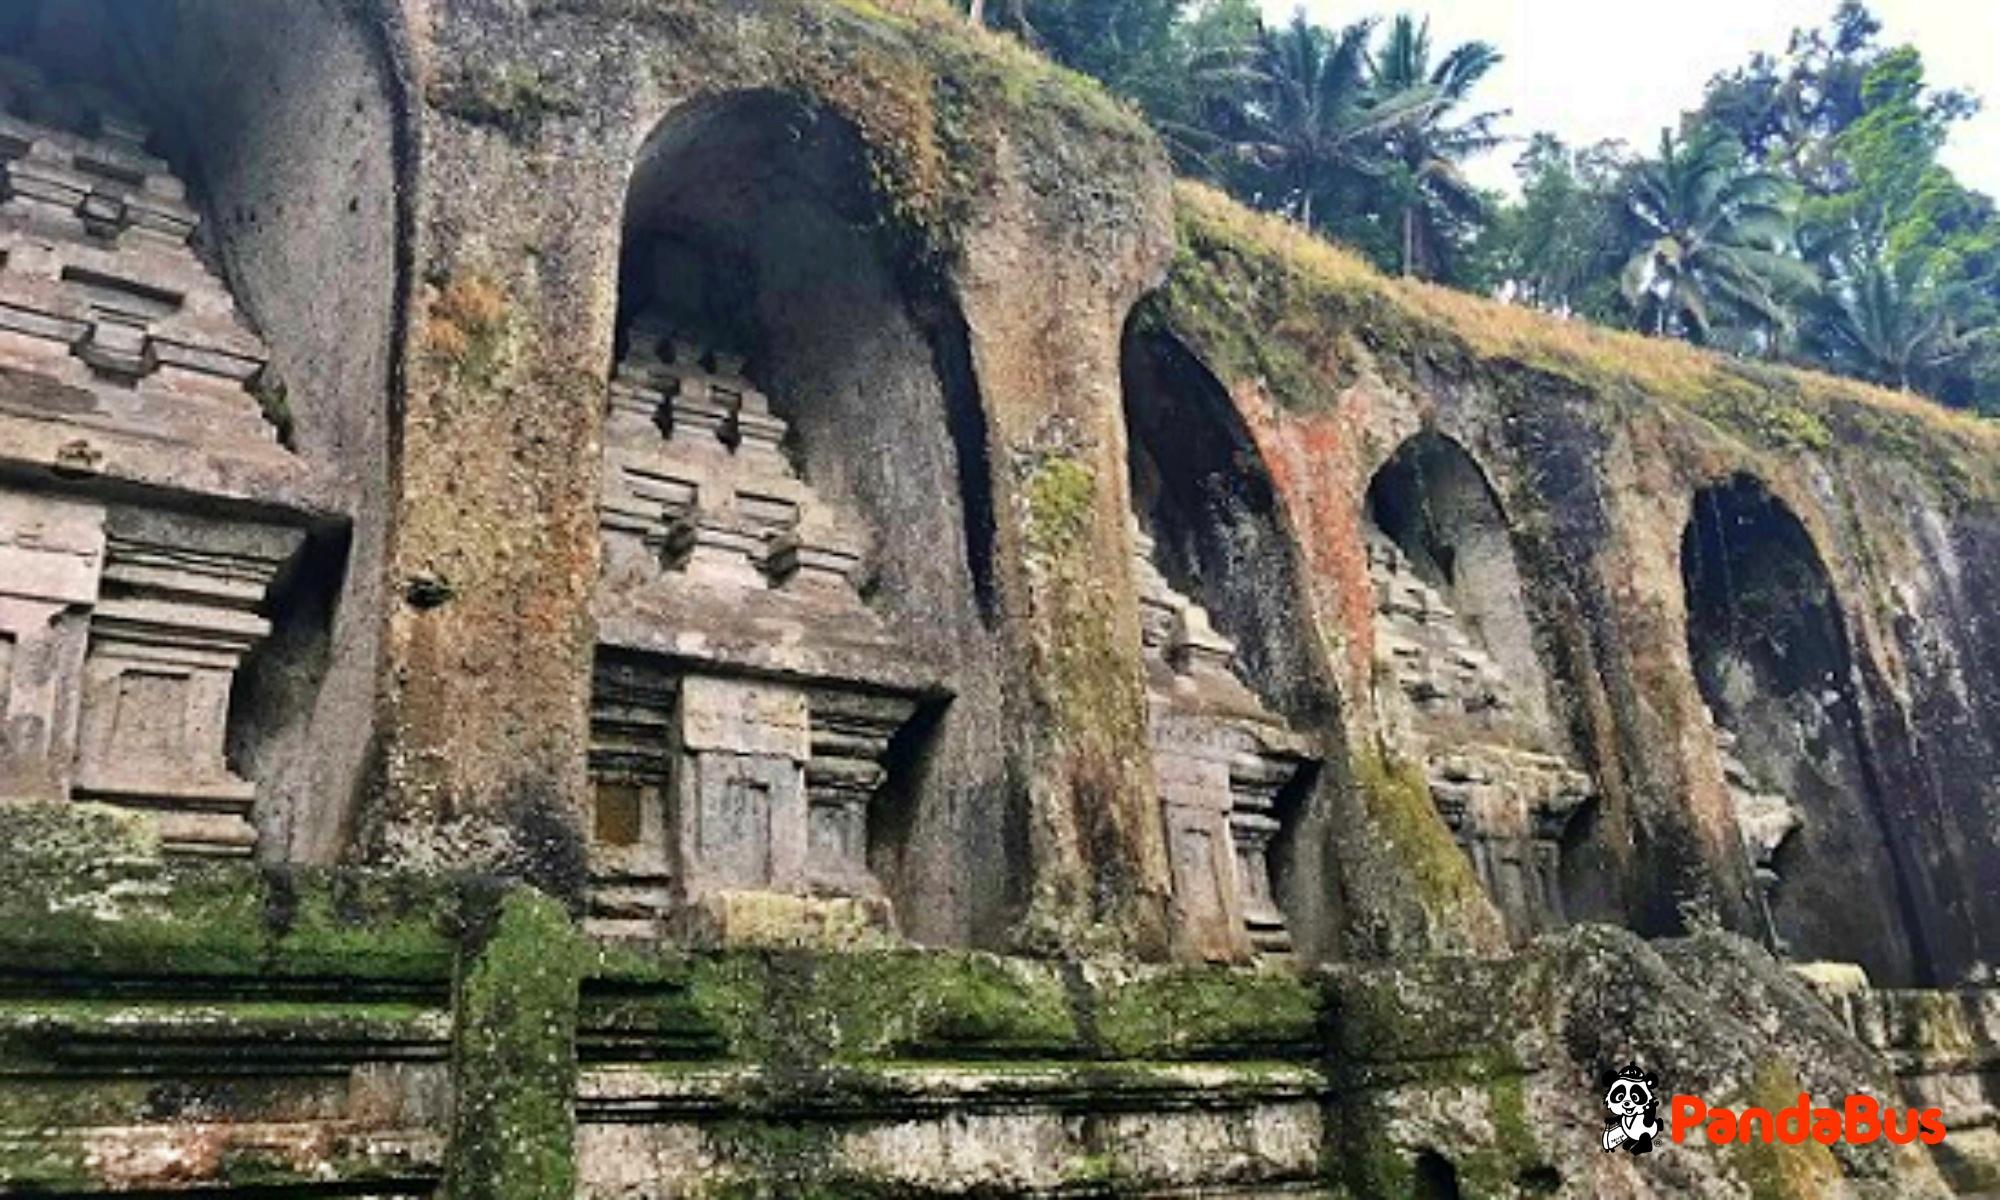 世界遺産『グヌンカウィ遺跡』迫力ある石窟遺跡